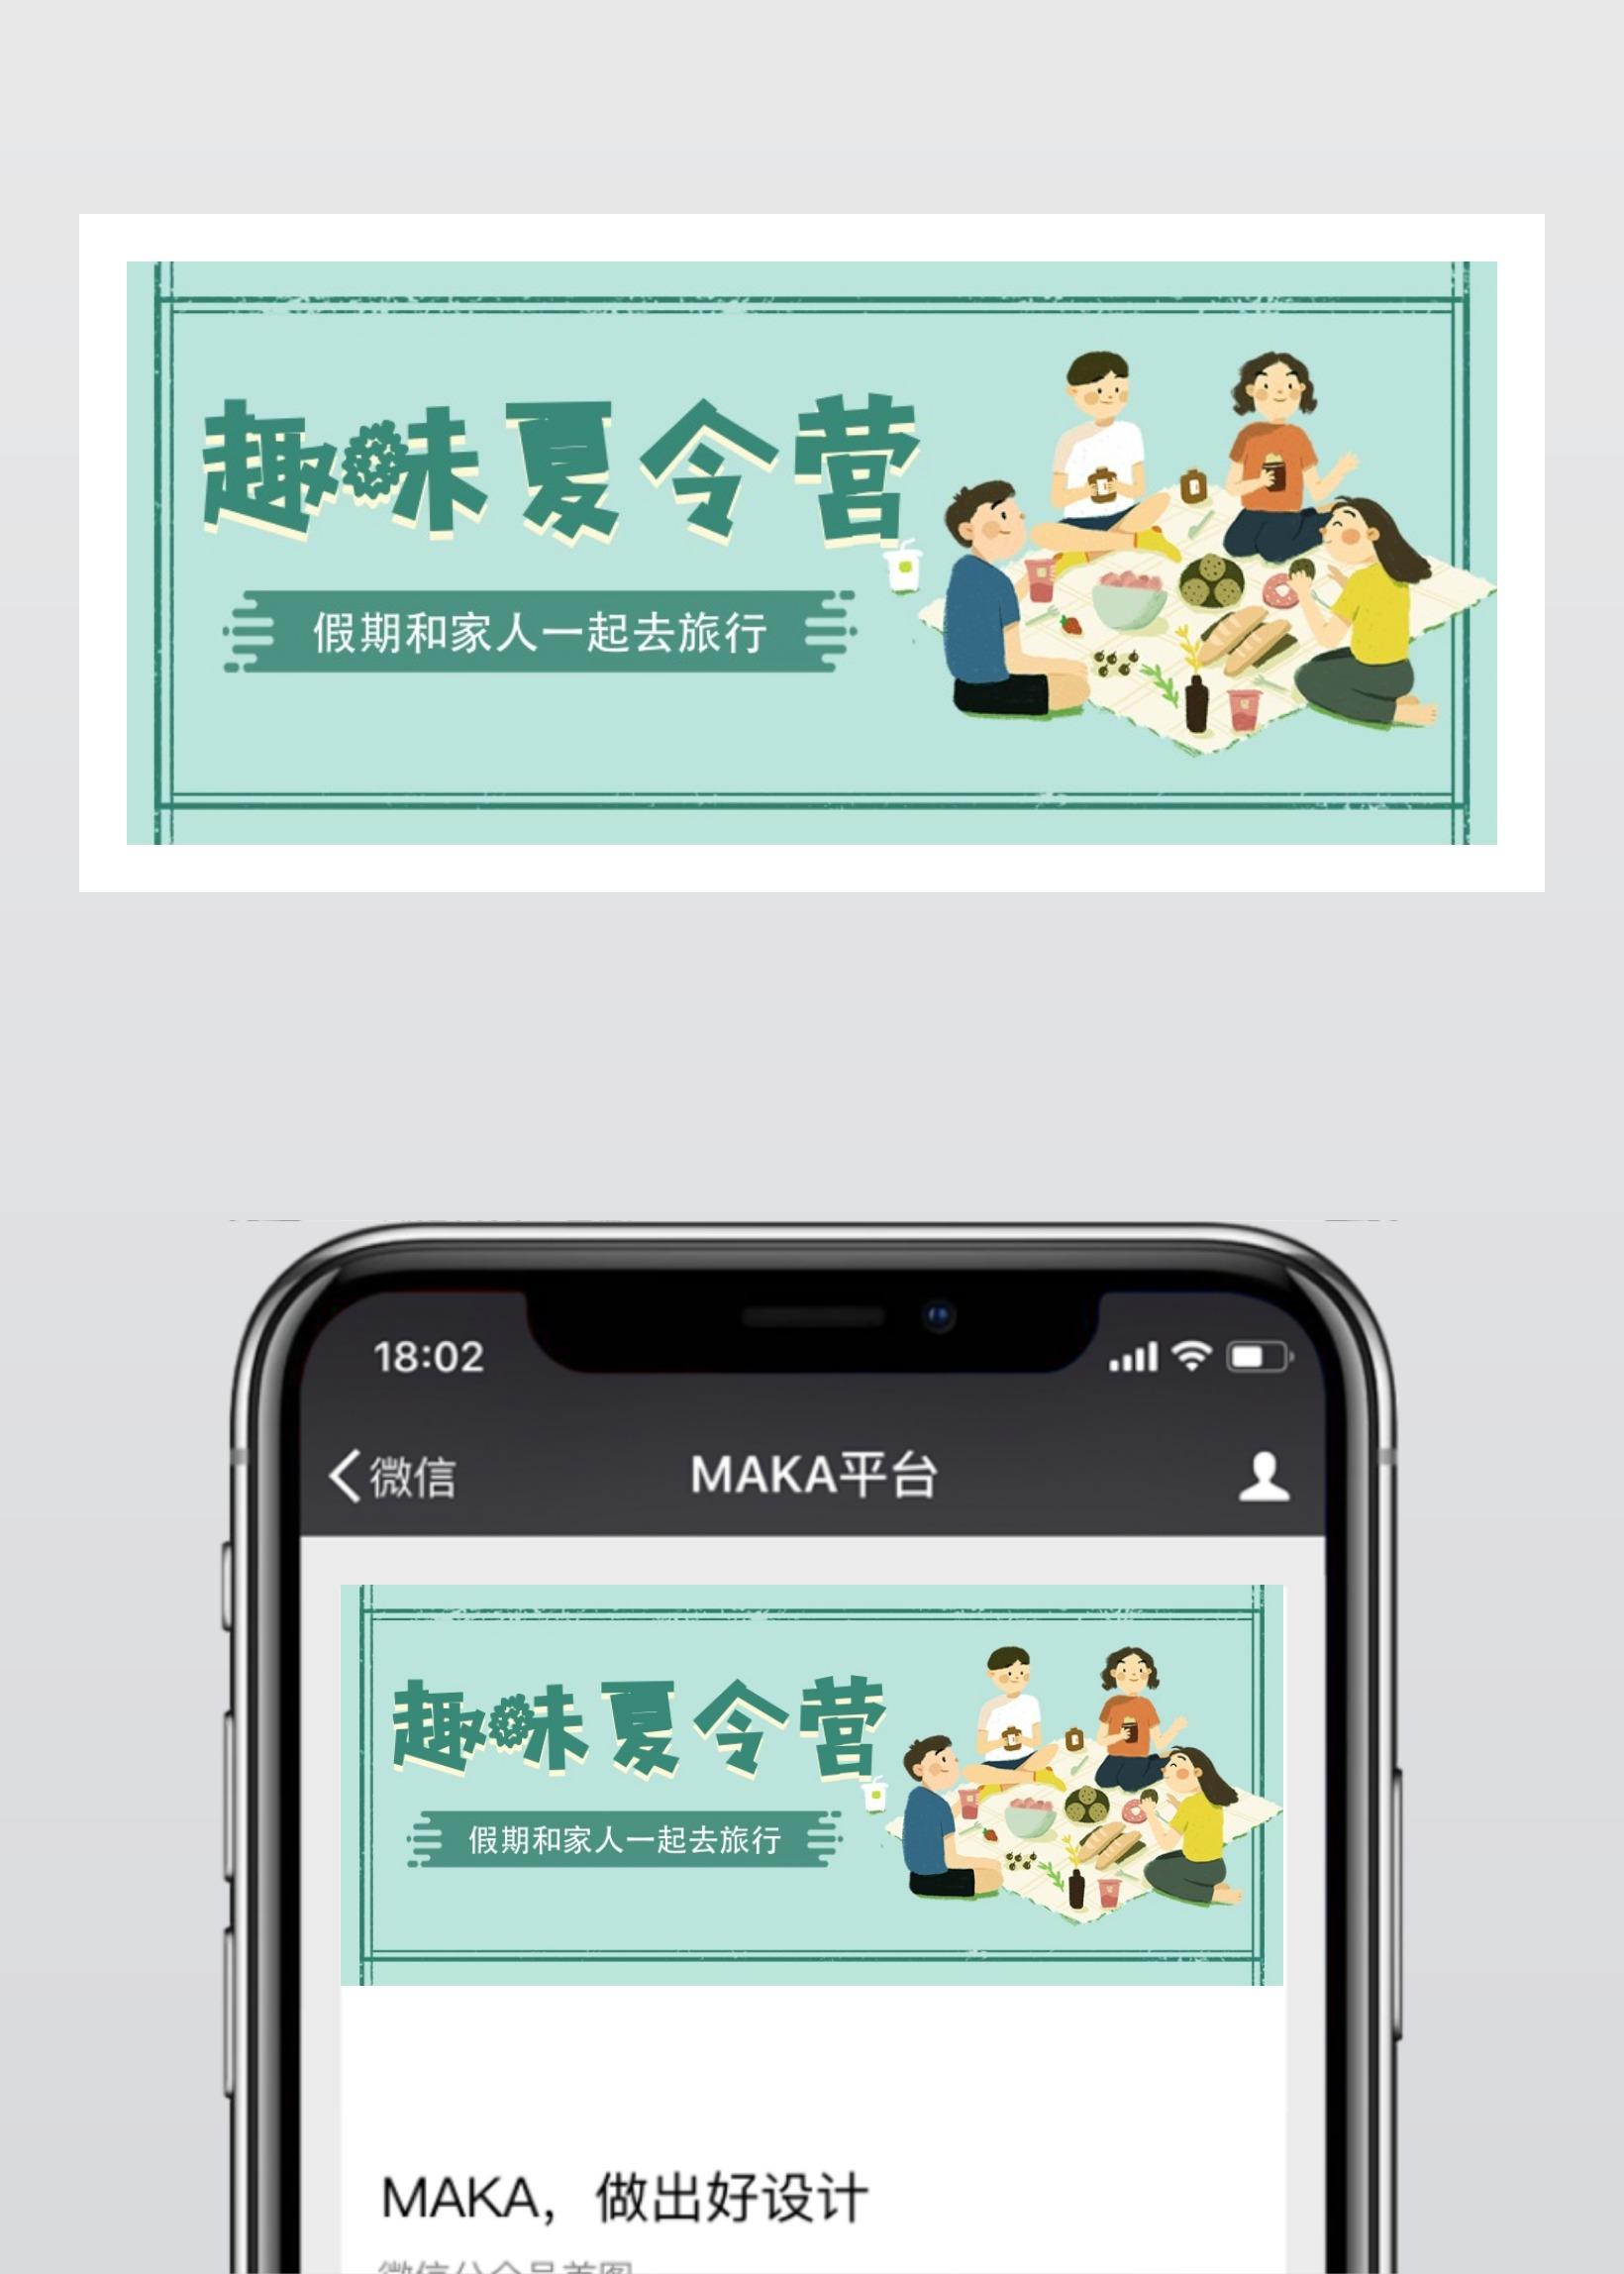 绿色手绘插画风格暑期夏令营暑假班招生培训宣传公众号封面